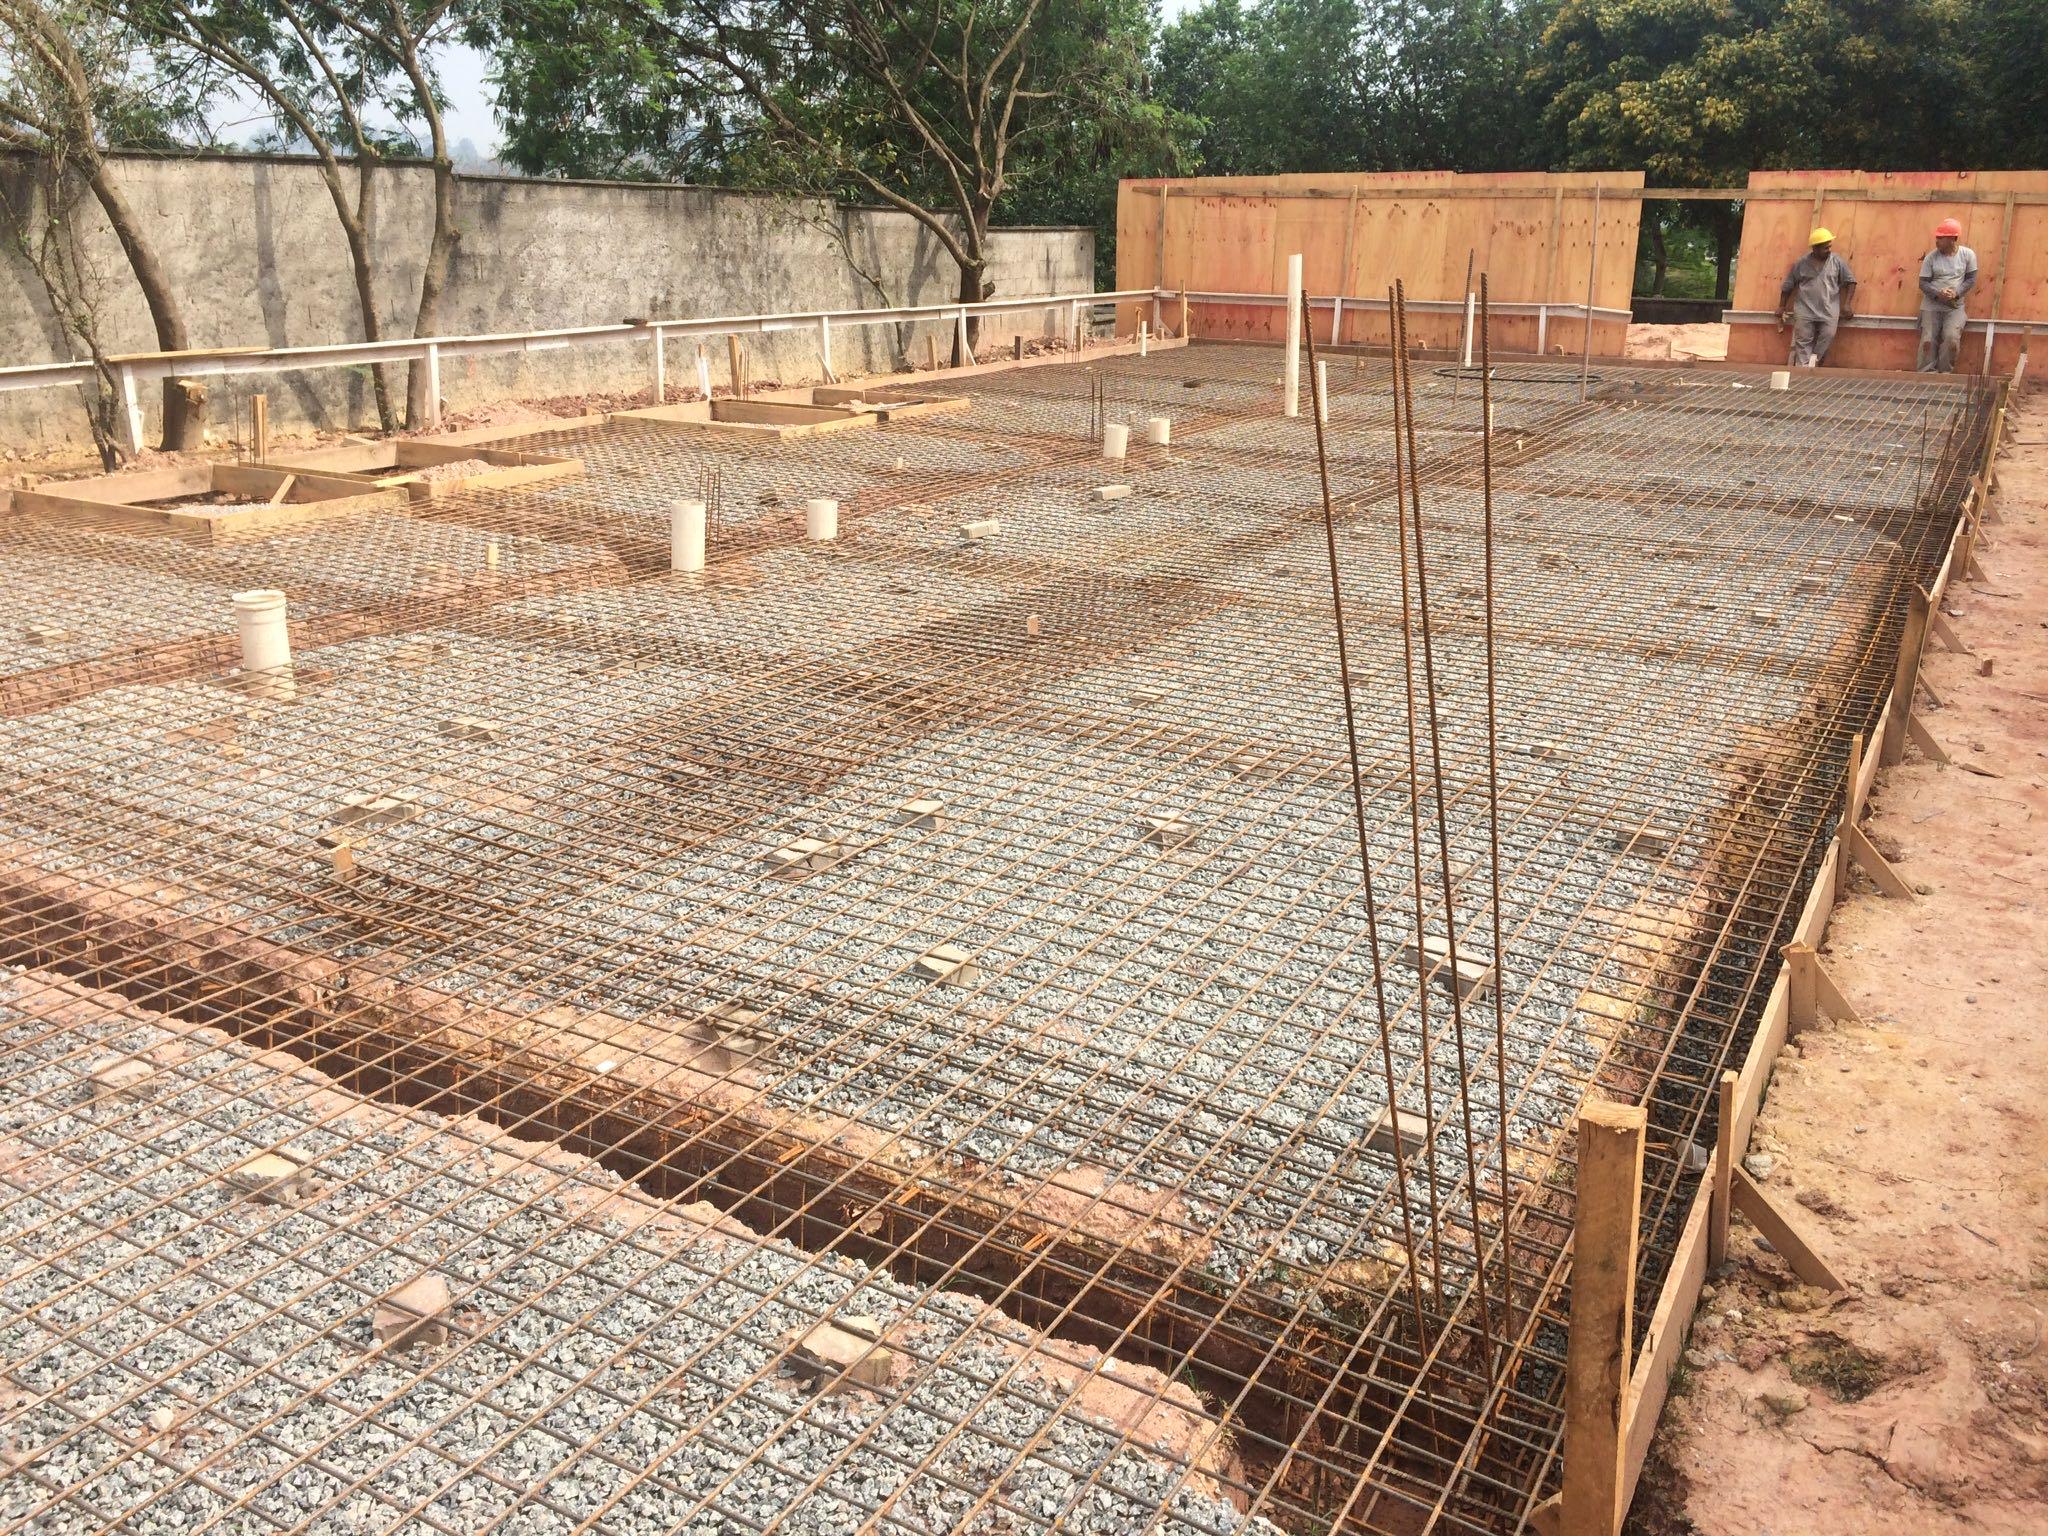 Preparação para concretagem em construção